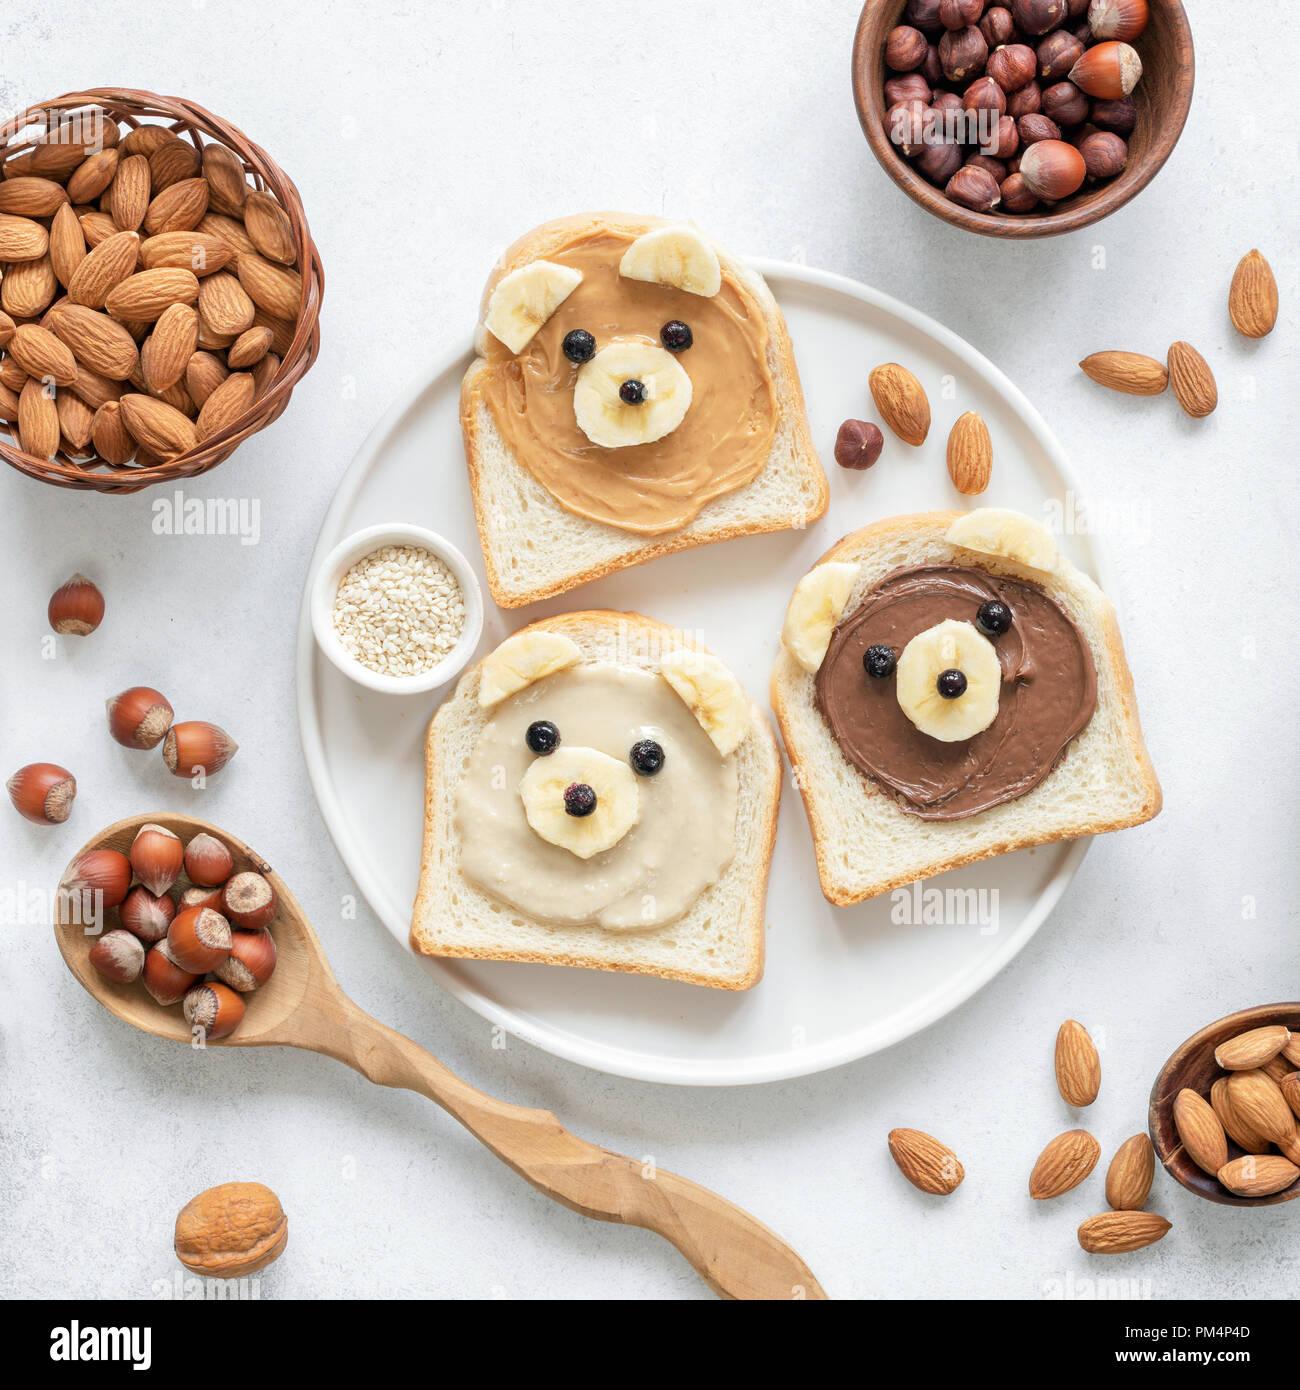 Il dado burro toast nella forma del simpatico orso divertenti per bambini serviti su una piastra bianca. Vista dall'alto. Cucina creativa arte, prima colazione per i bambini, scuola di concetto di pranzo Immagini Stock